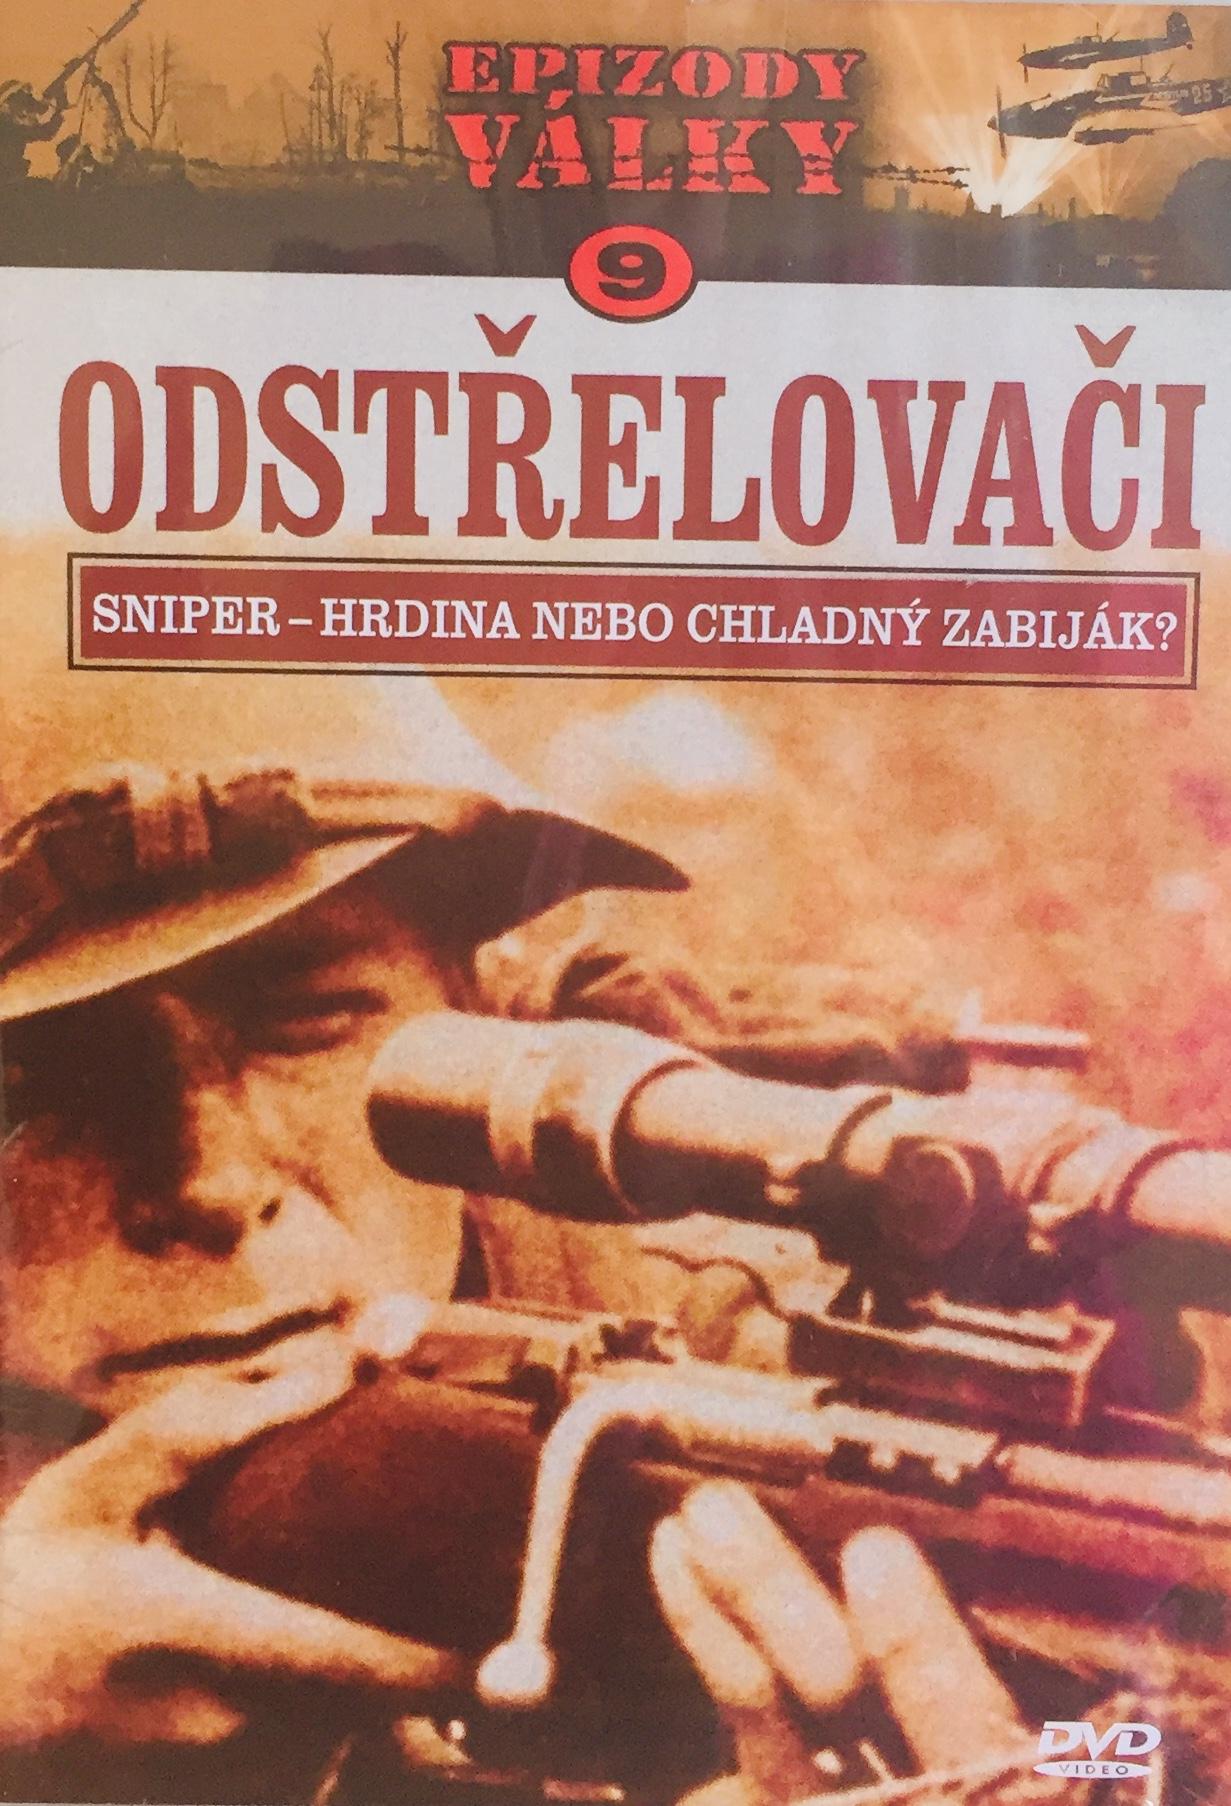 Epizody války 9 - Odstřelovači - DVD /plast/